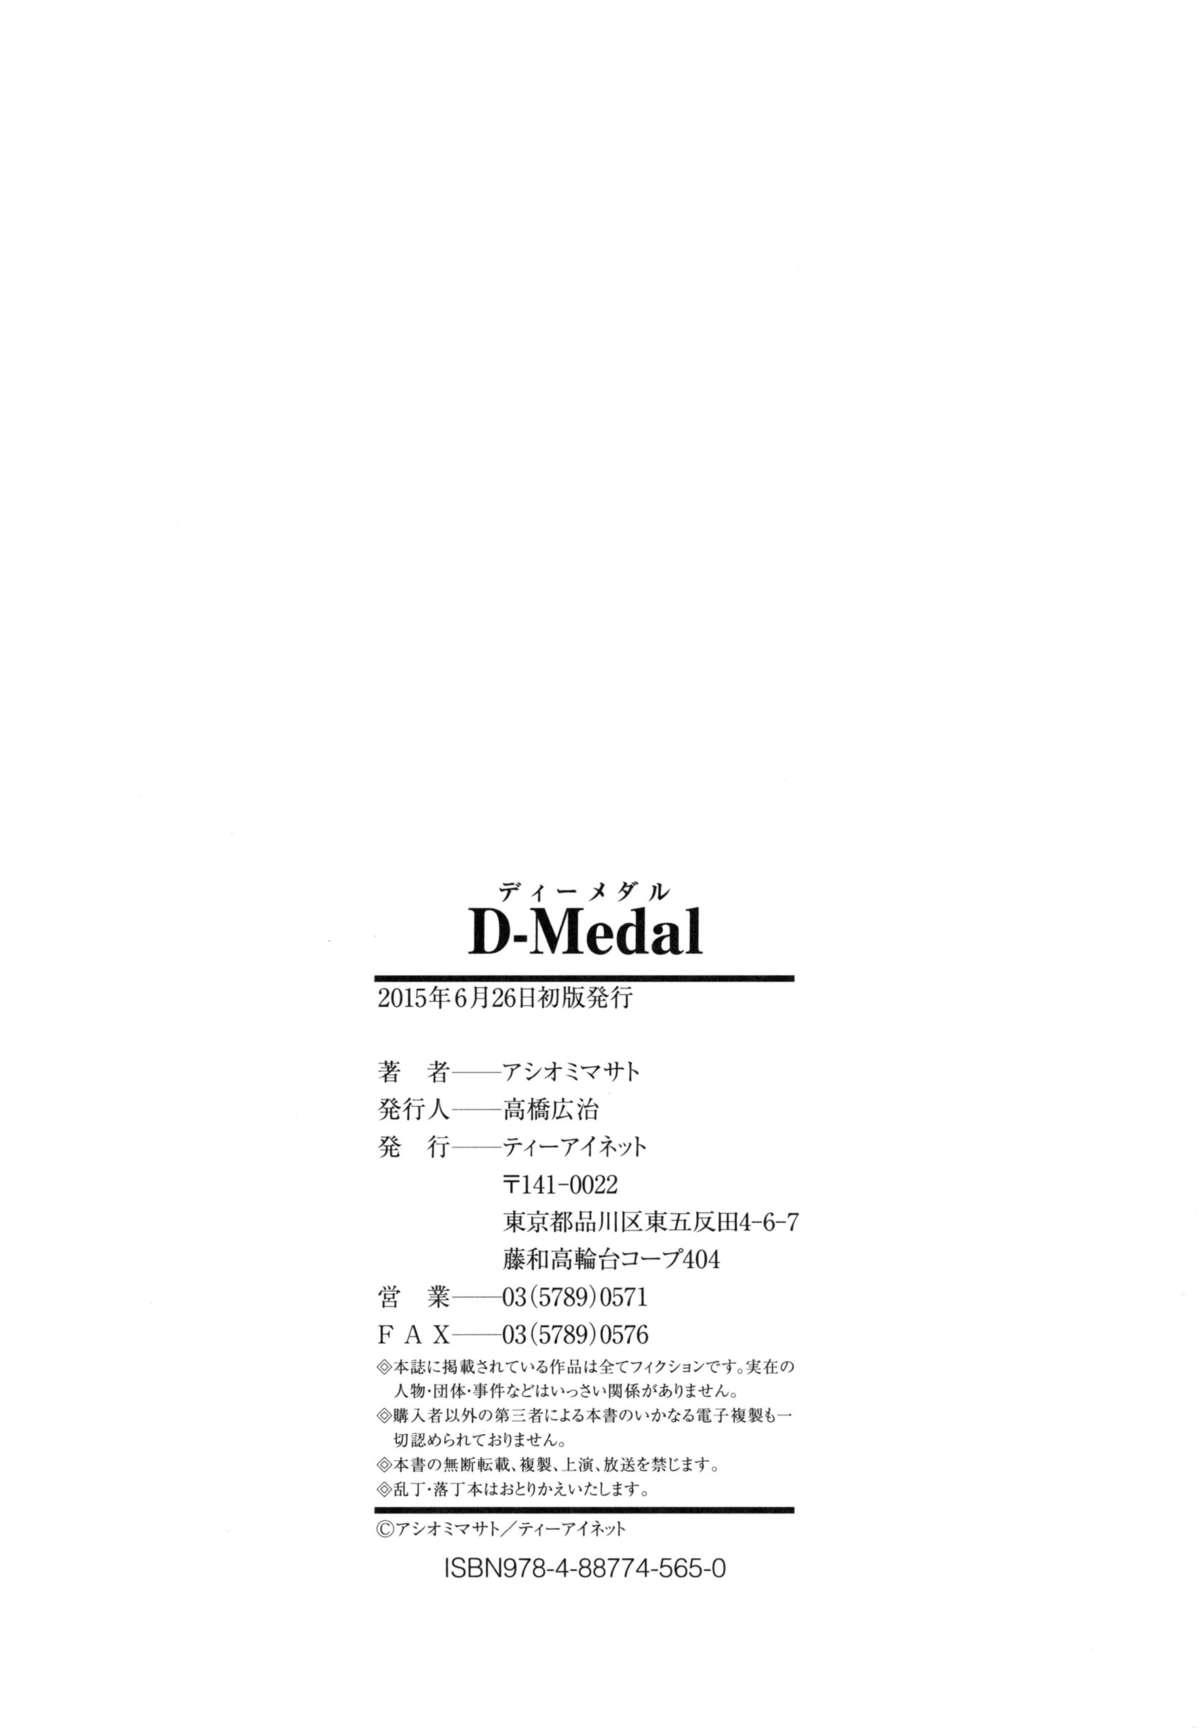 D-Medal 196